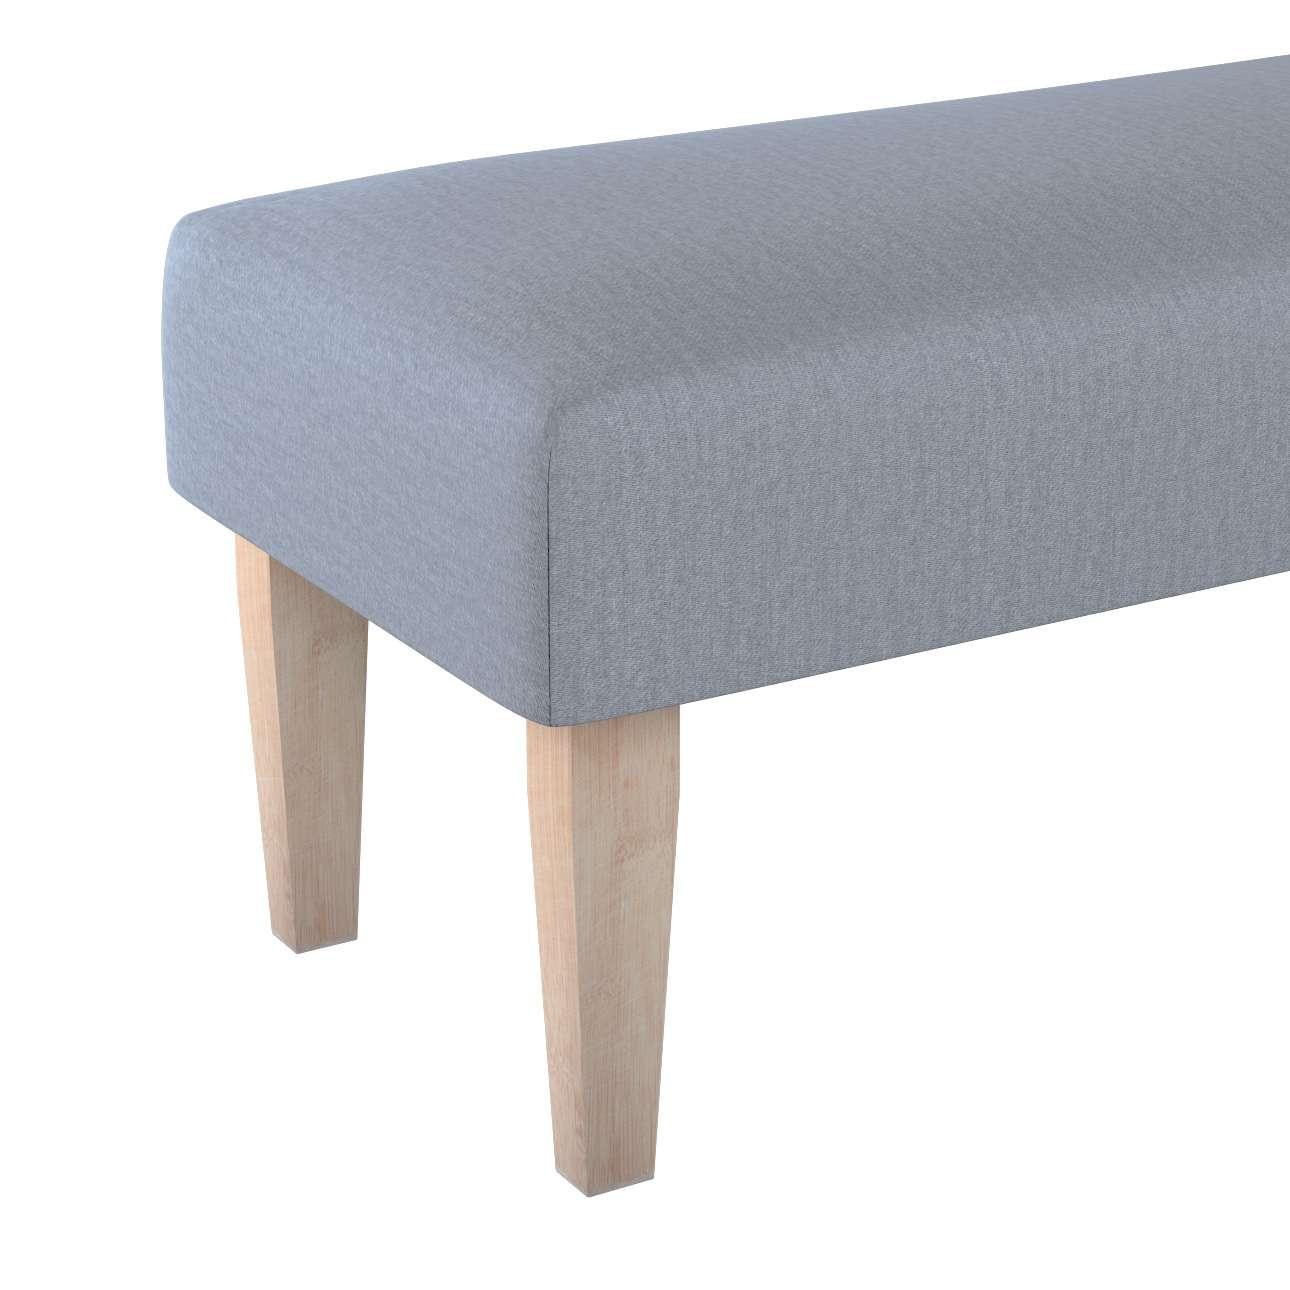 Sitzbank 100cm von der Kollektion Chenille, Stoff: 702-13